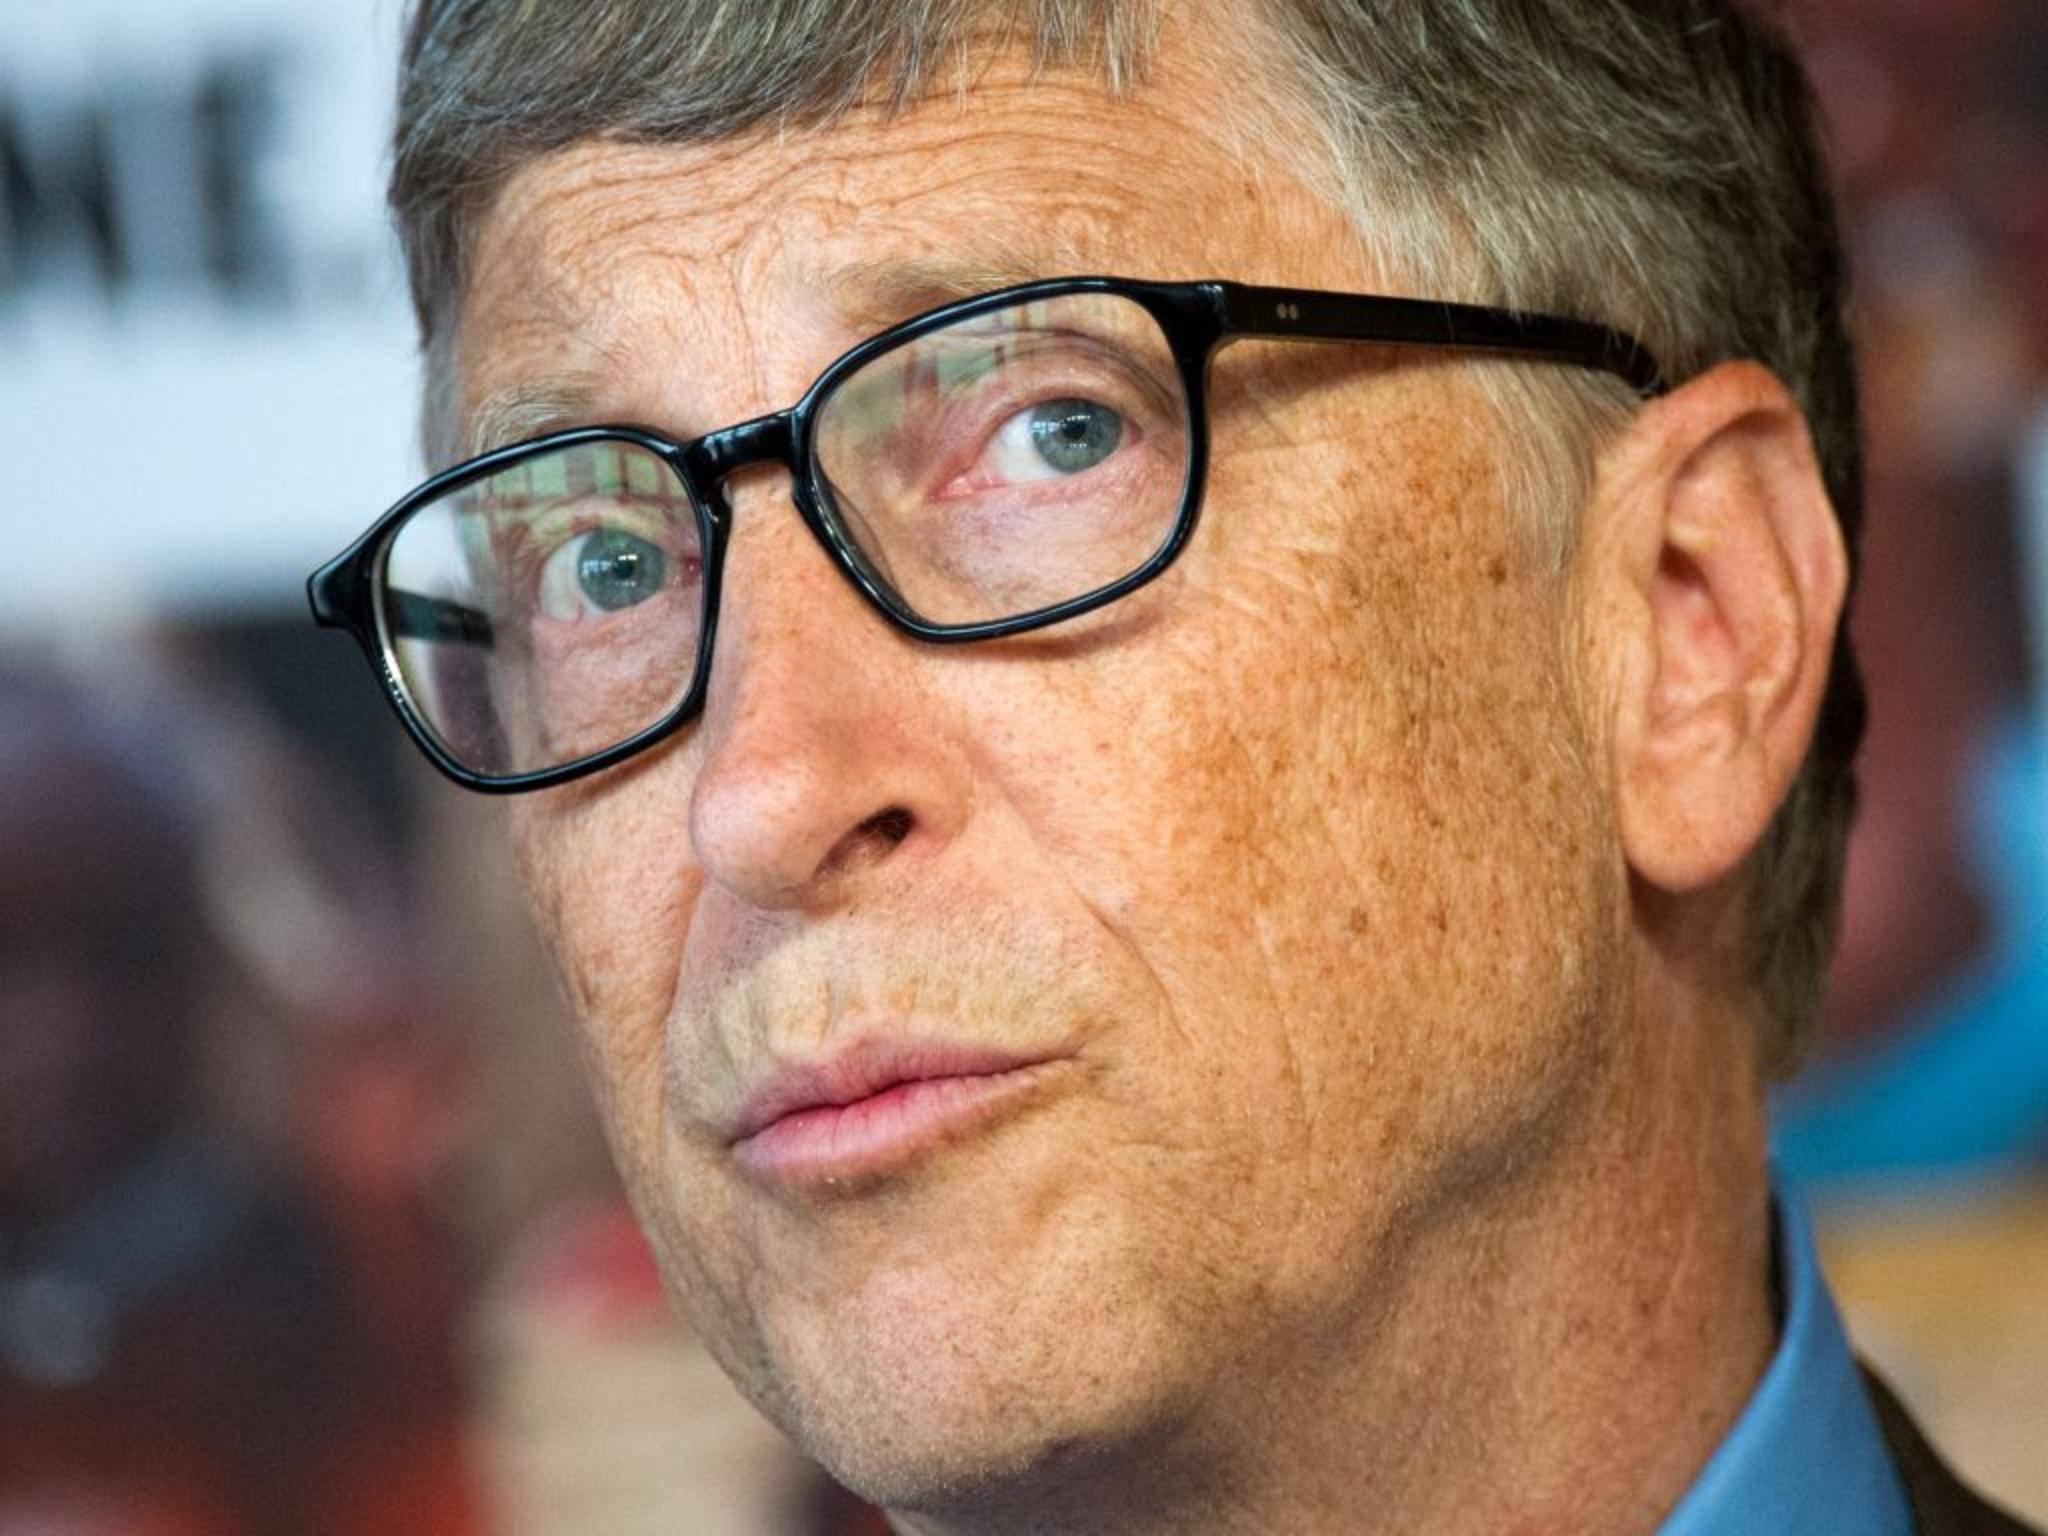 Bill Gates ist besorgt: Haben wir Künstliche Intelligenz bald nicht mehr im Griff?